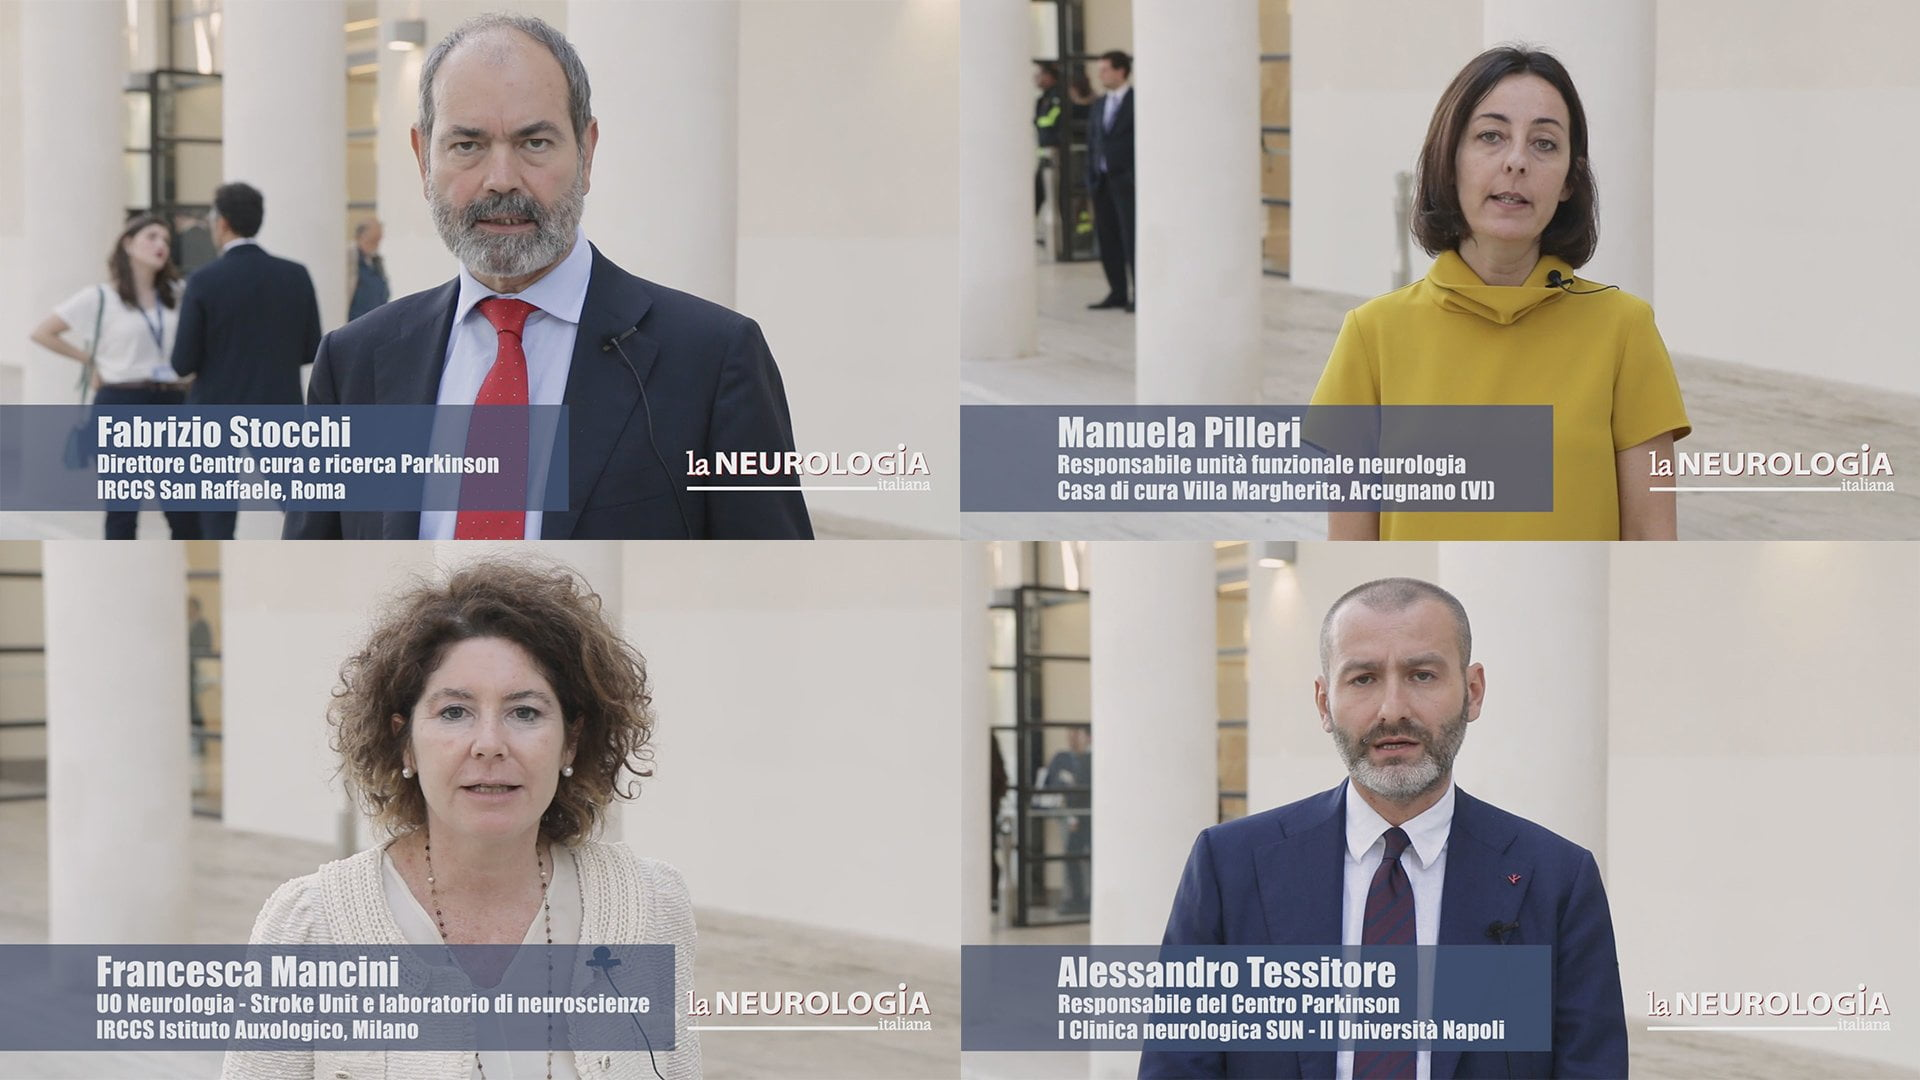 Safinamide, Confronto Fra Pratica Clinica Ed Evidenze Scientifiche Nella MP